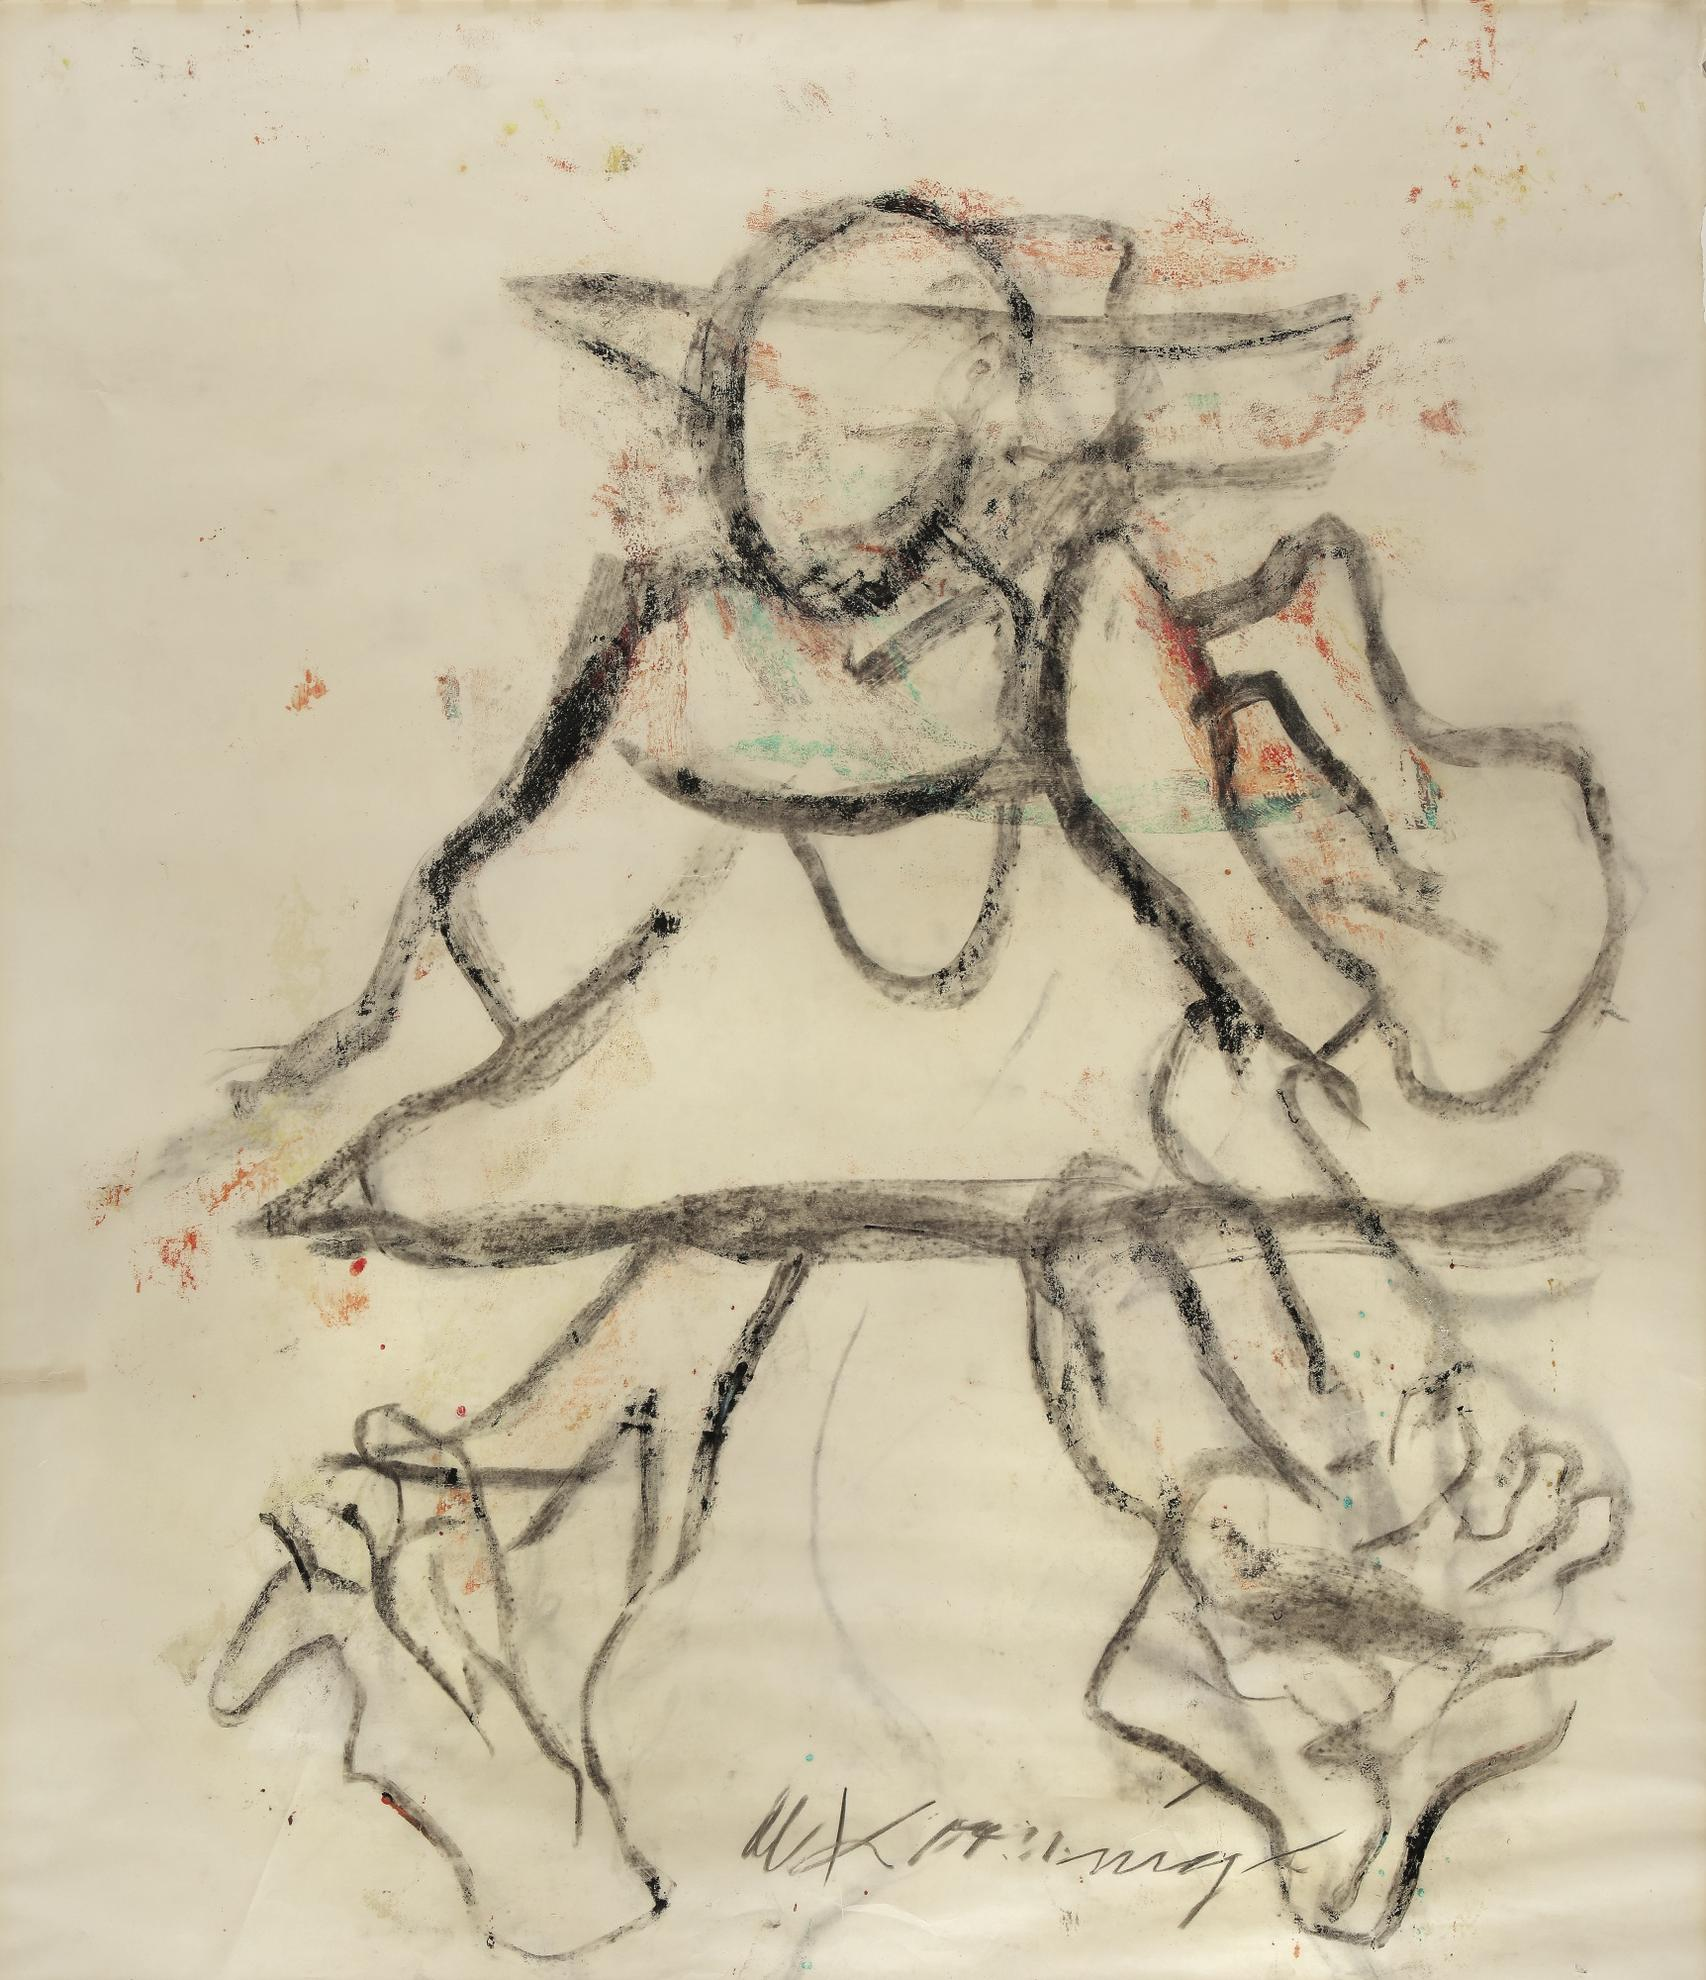 Willem de Kooning-Figure-1972